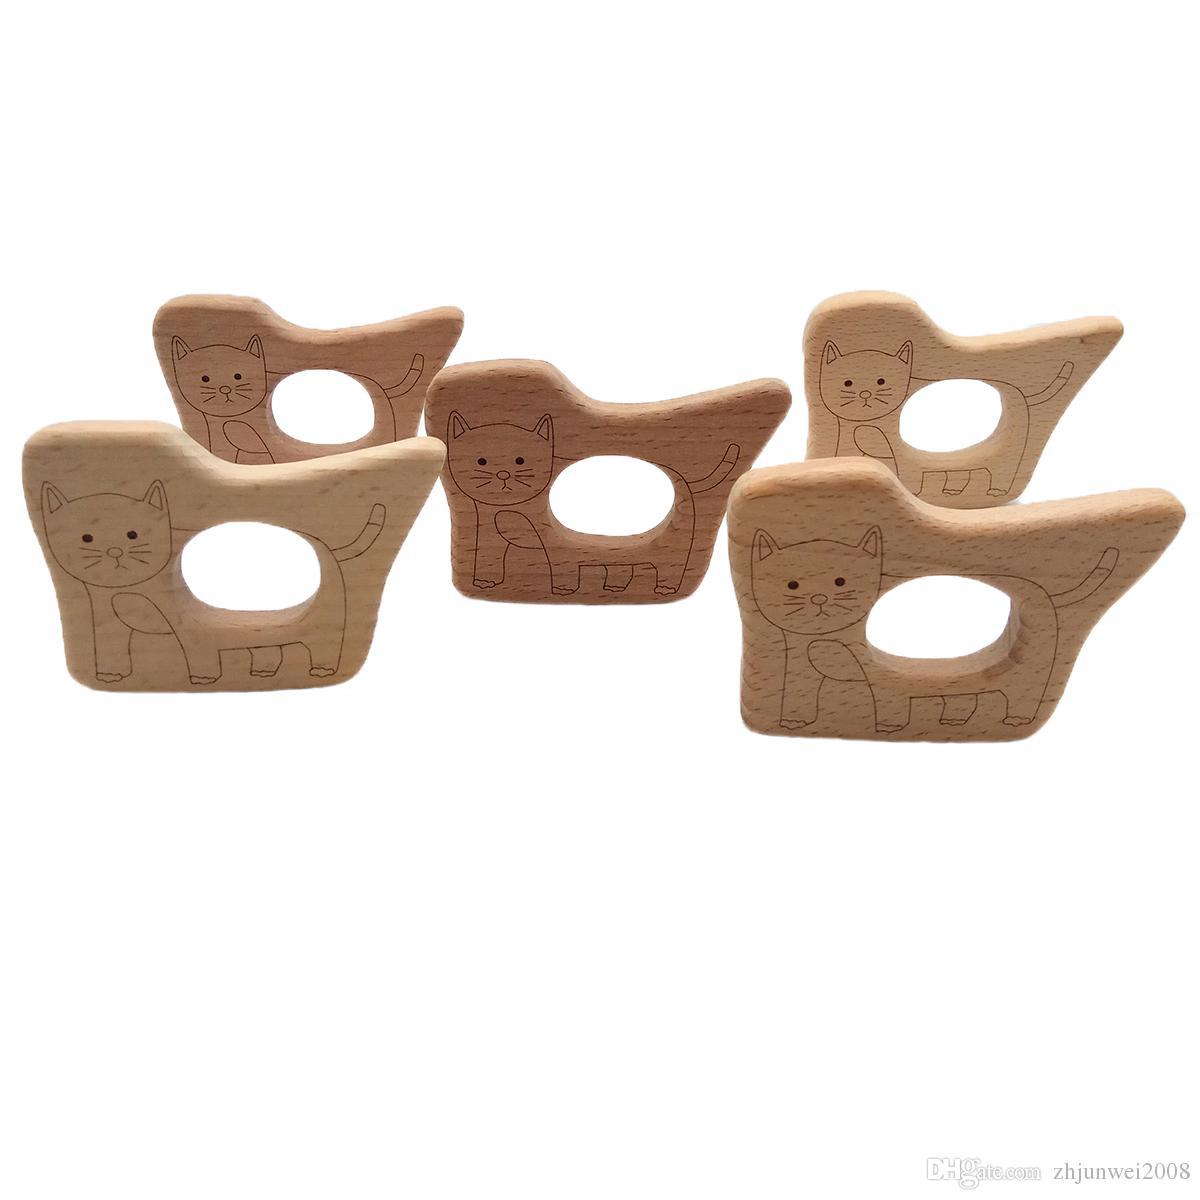 براعم خشبية الأناناس الخيزران الطبيعي براعم القط الفيل قلادة الزان الخشب استيعاب عربة لعبة العضوية هدية ل الوليد الطفل عضاضة